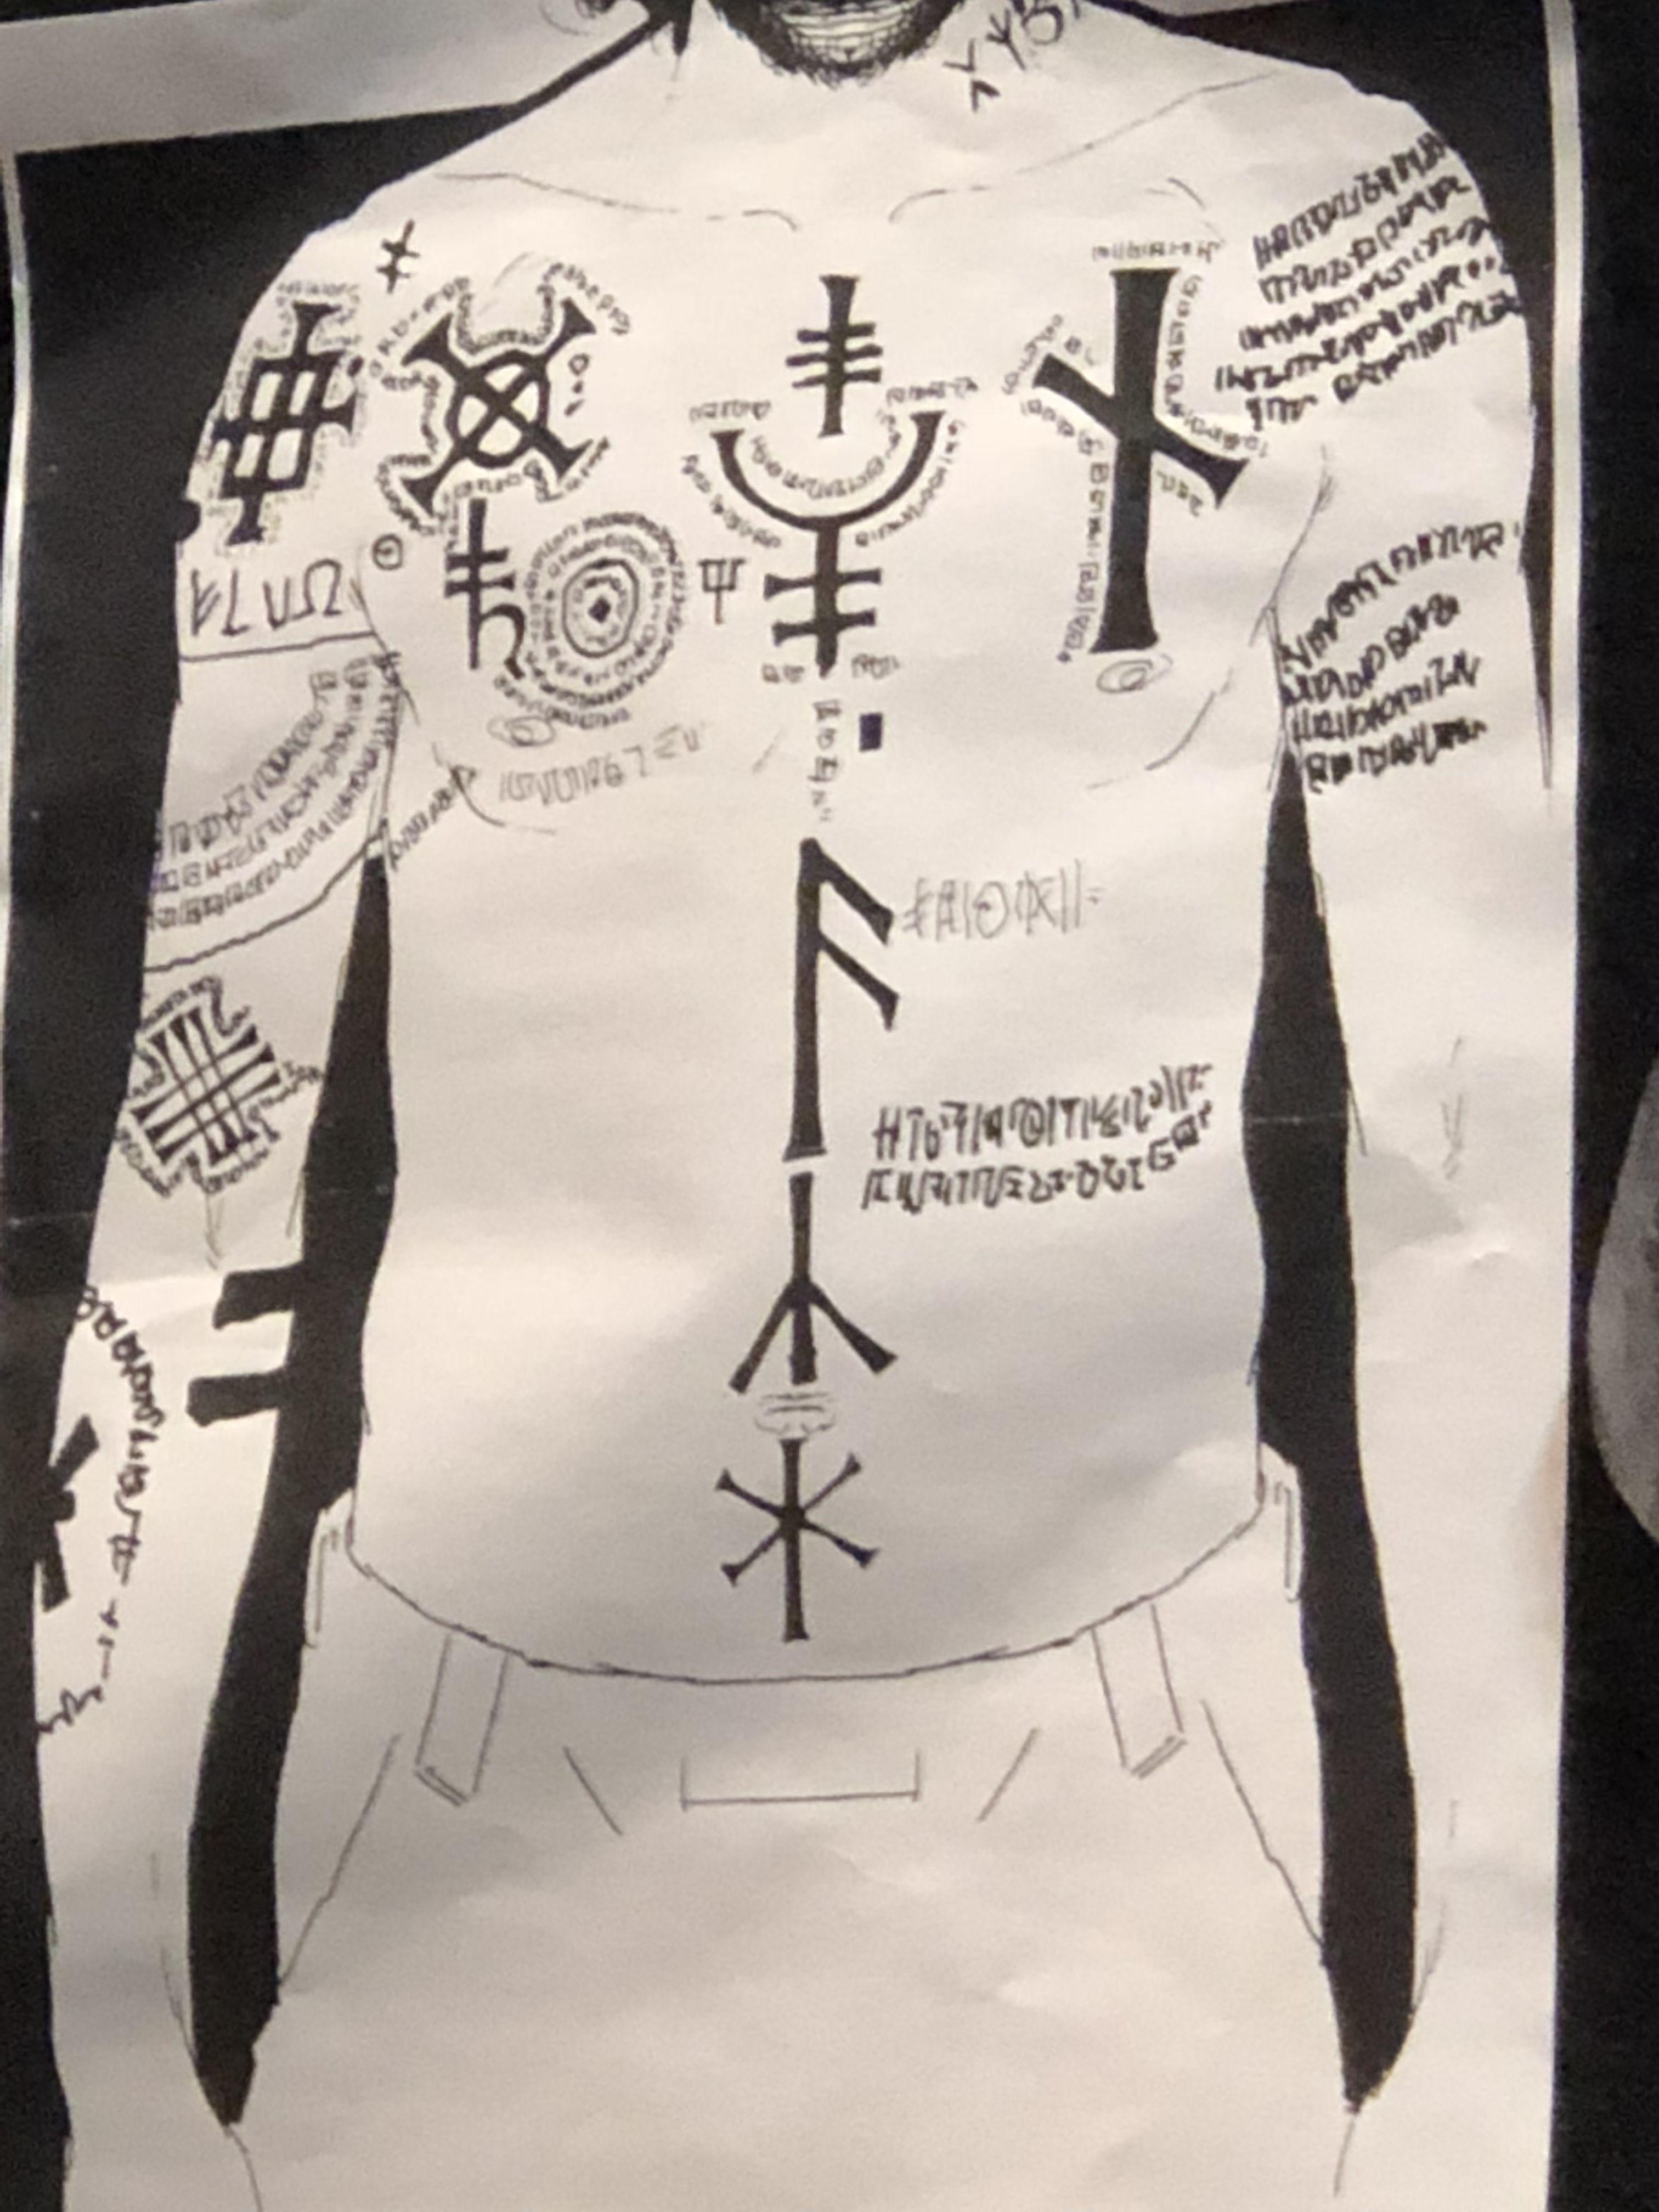 Prison sirius tattoos black Sirius Black